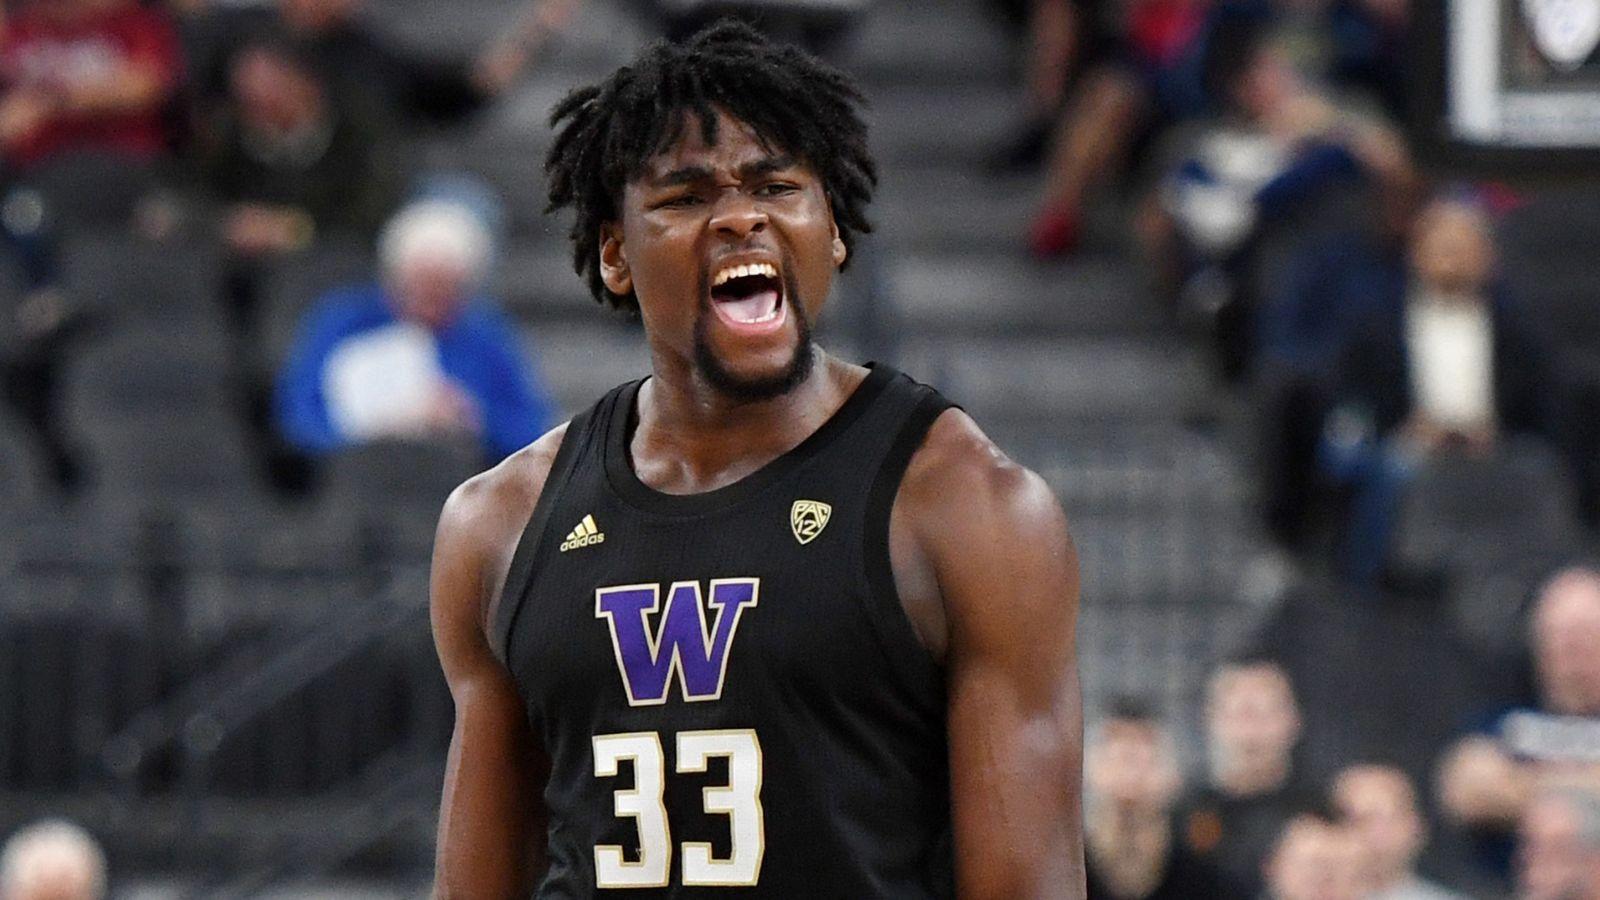 El estudiante de primer año de Washington, Isaiah Stewart, declara para el Draft de la NBA | Noticias de la NBA 7